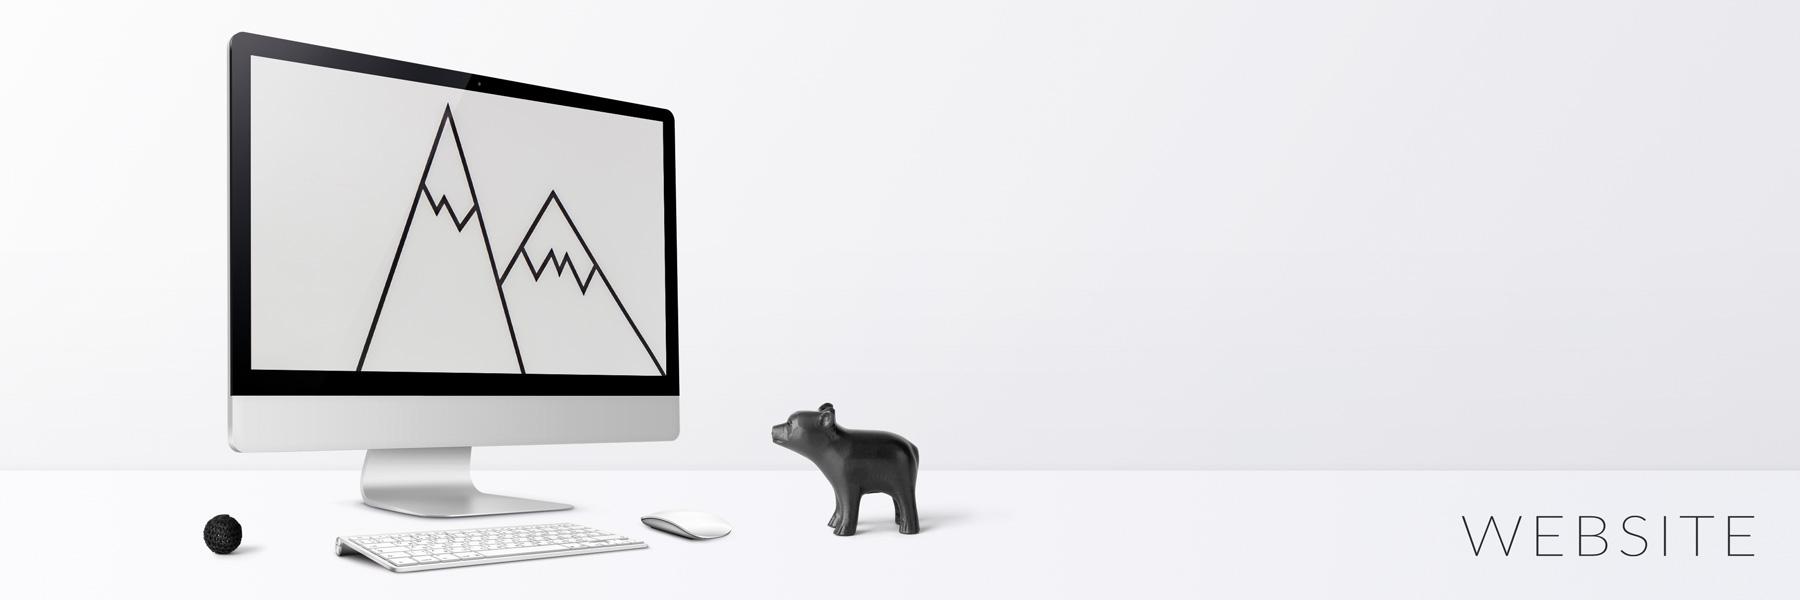 Websites voor kleine bedrijven en particulieren - je online-presentatie